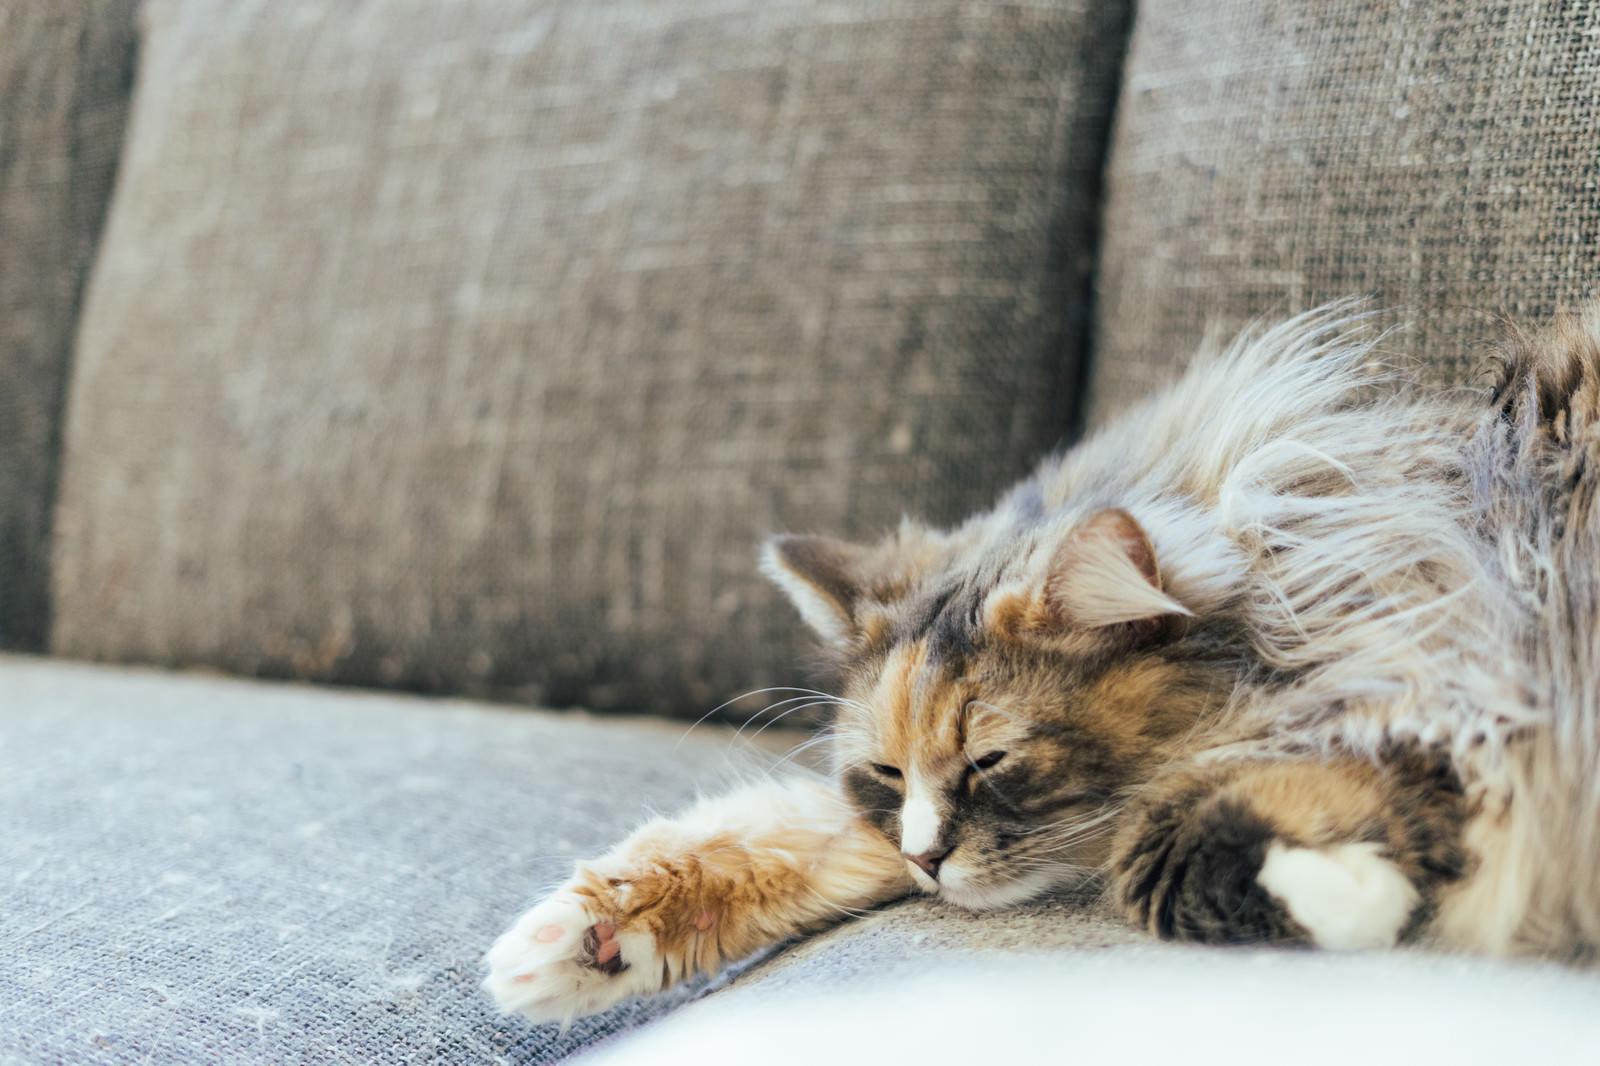 「休み明け会社行きたくない猫」の写真